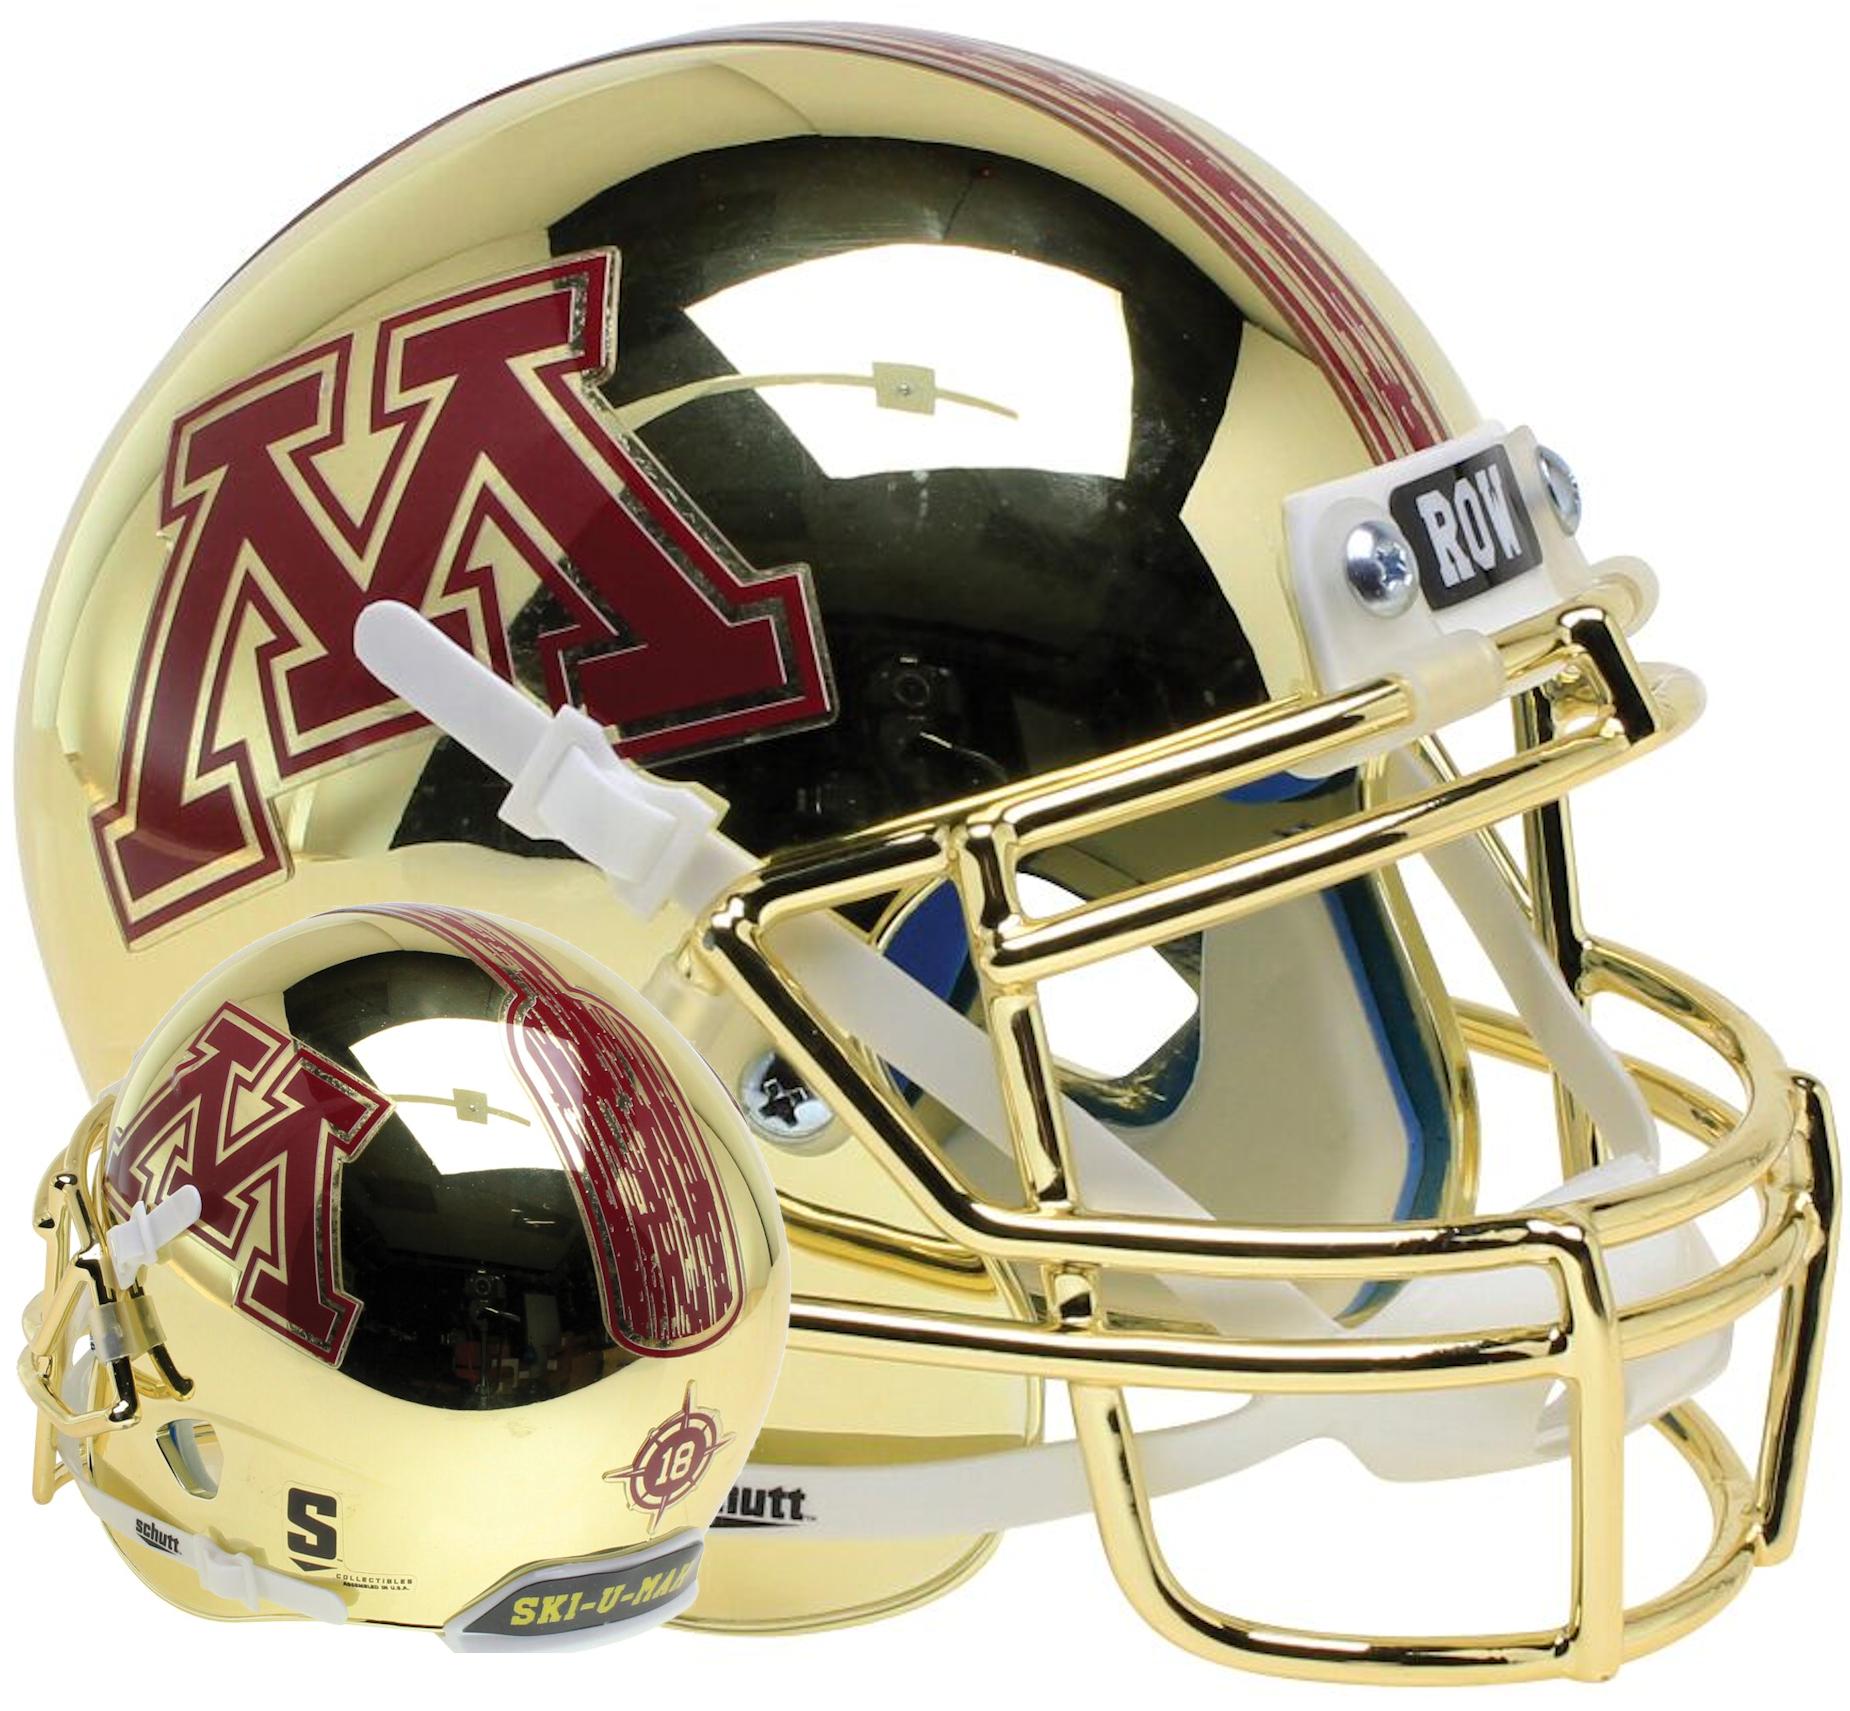 Minnesota Golden Gophers Full XP Replica Football Helmet Schutt <B>Gold Chrome</B>